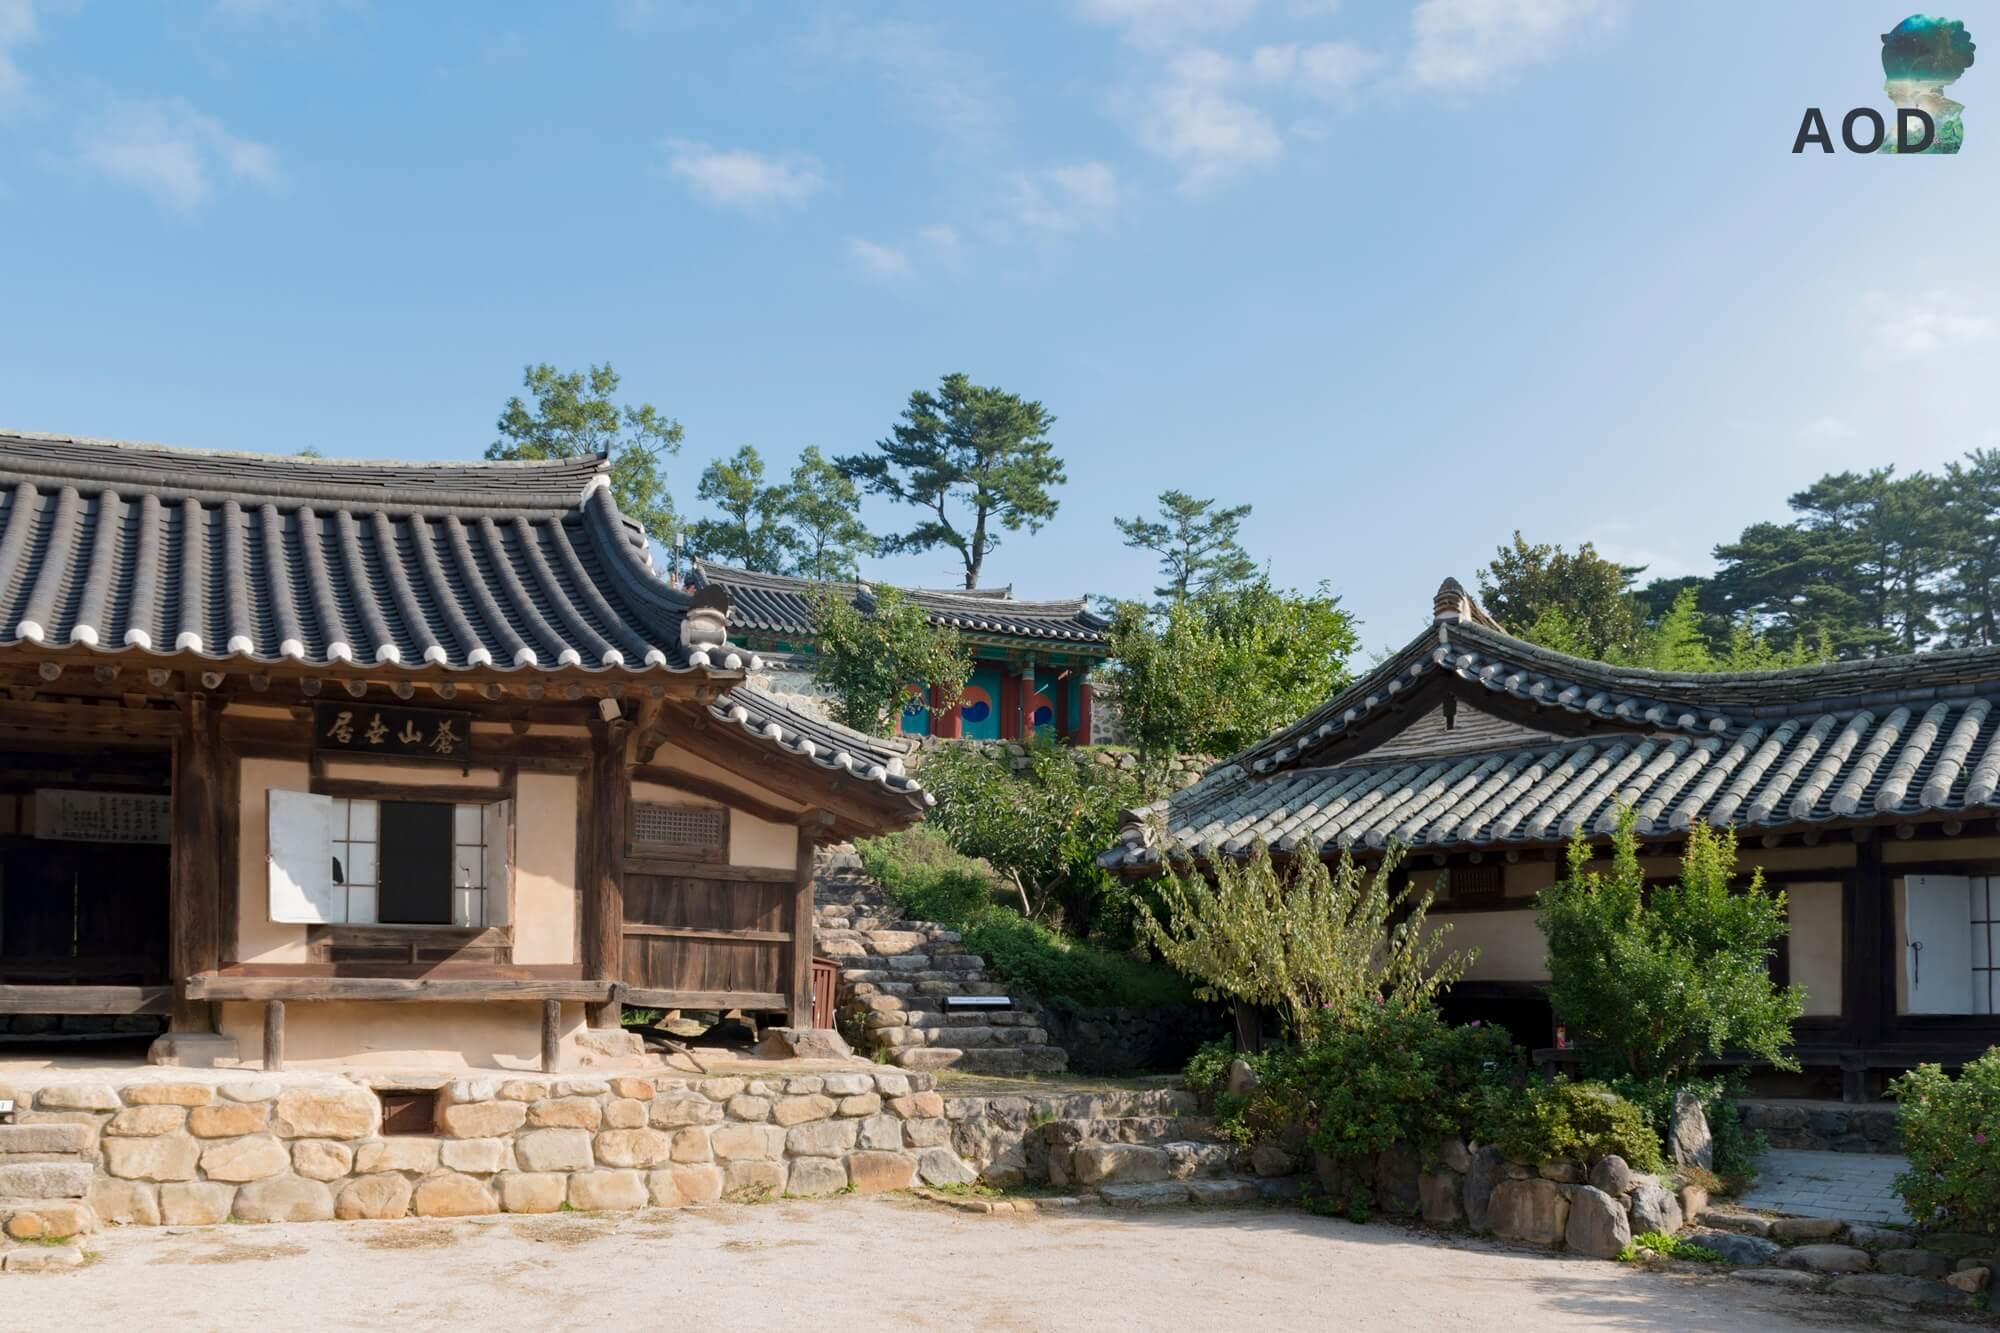 Yangdong Maeul - Anwesen mit einem Schrein